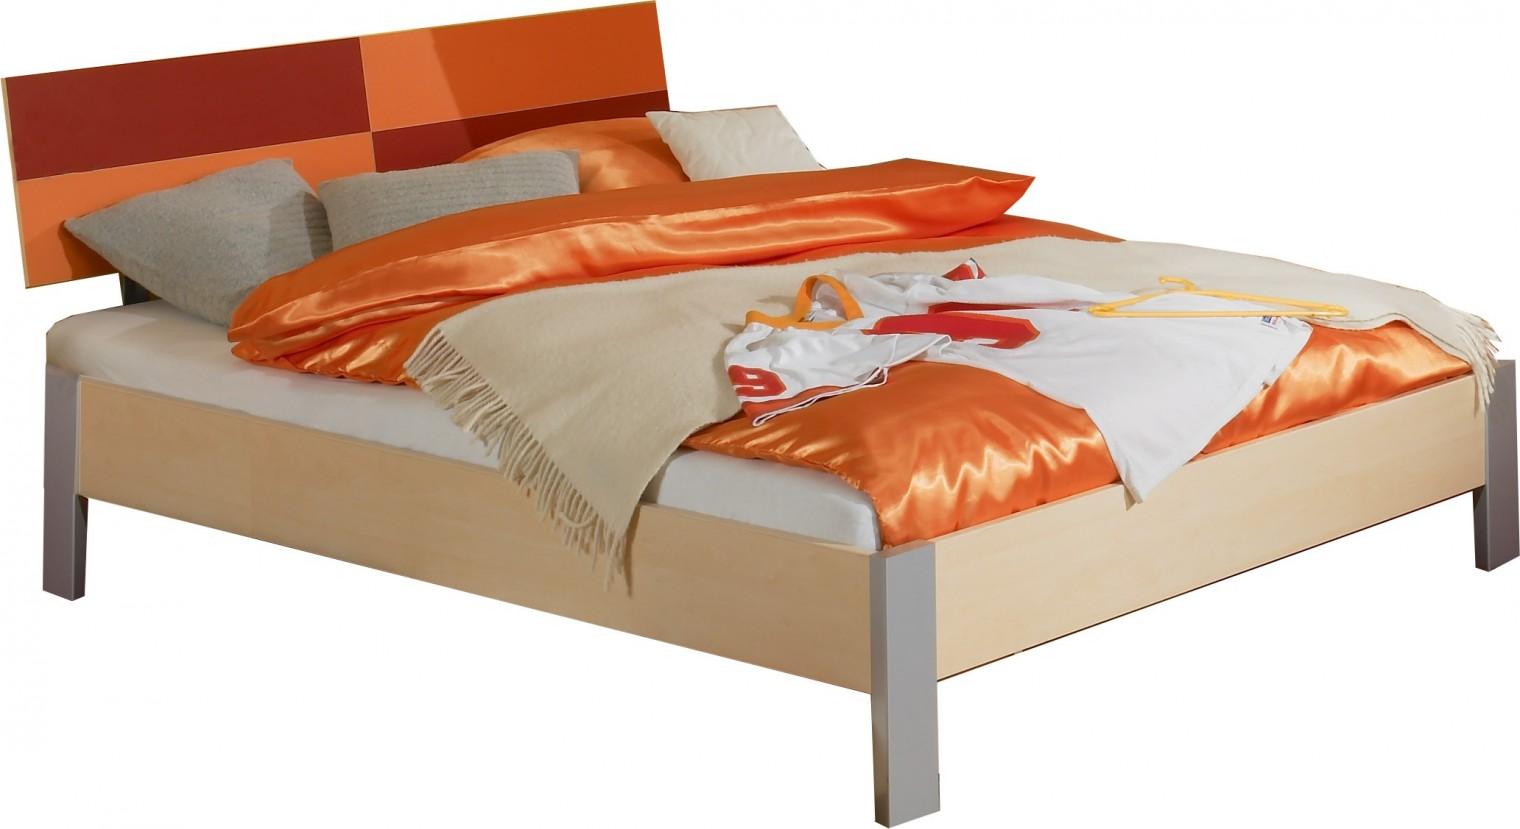 Klasická postel Sunny - Postel, 140x200 cm (červenooranžová)